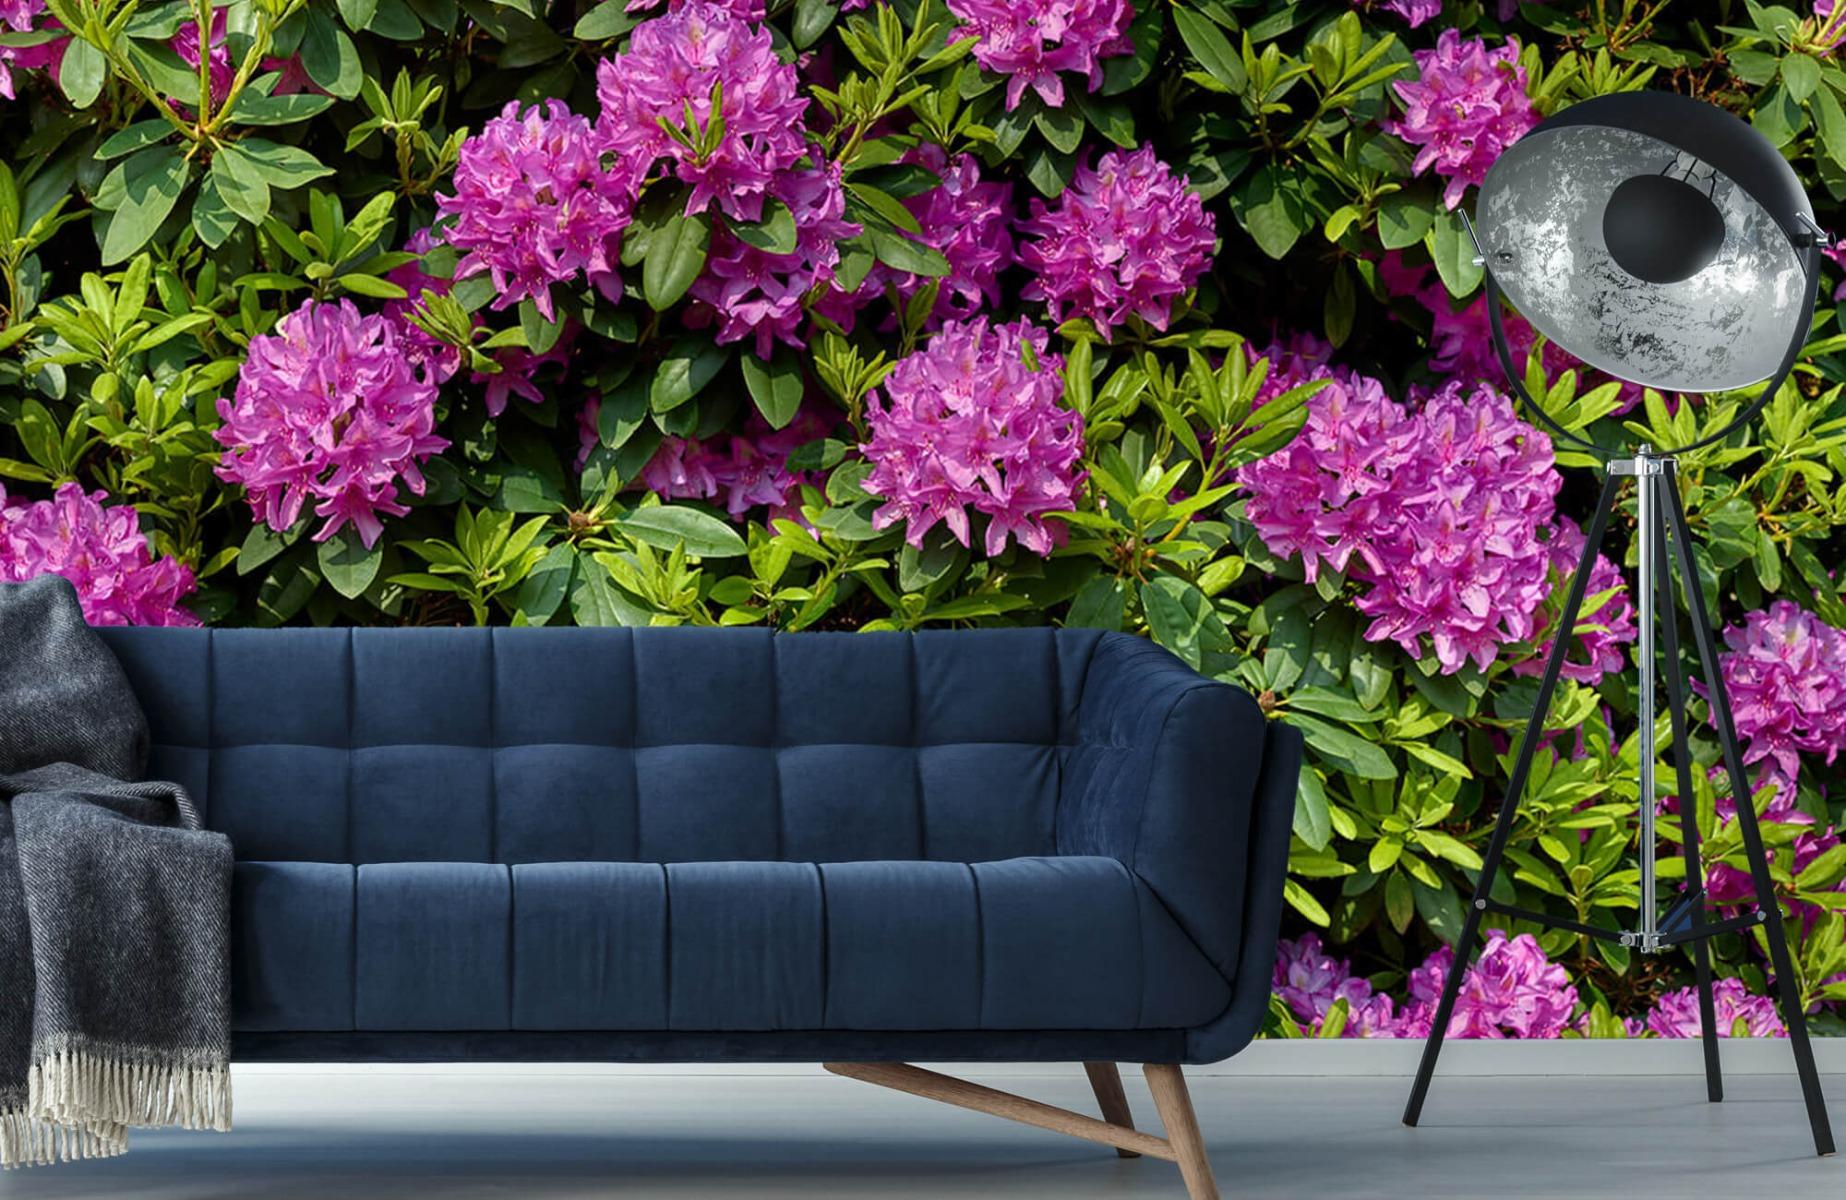 Bloemenvelden - Rododendrons - Wallexclusive - Slaapkamer 11